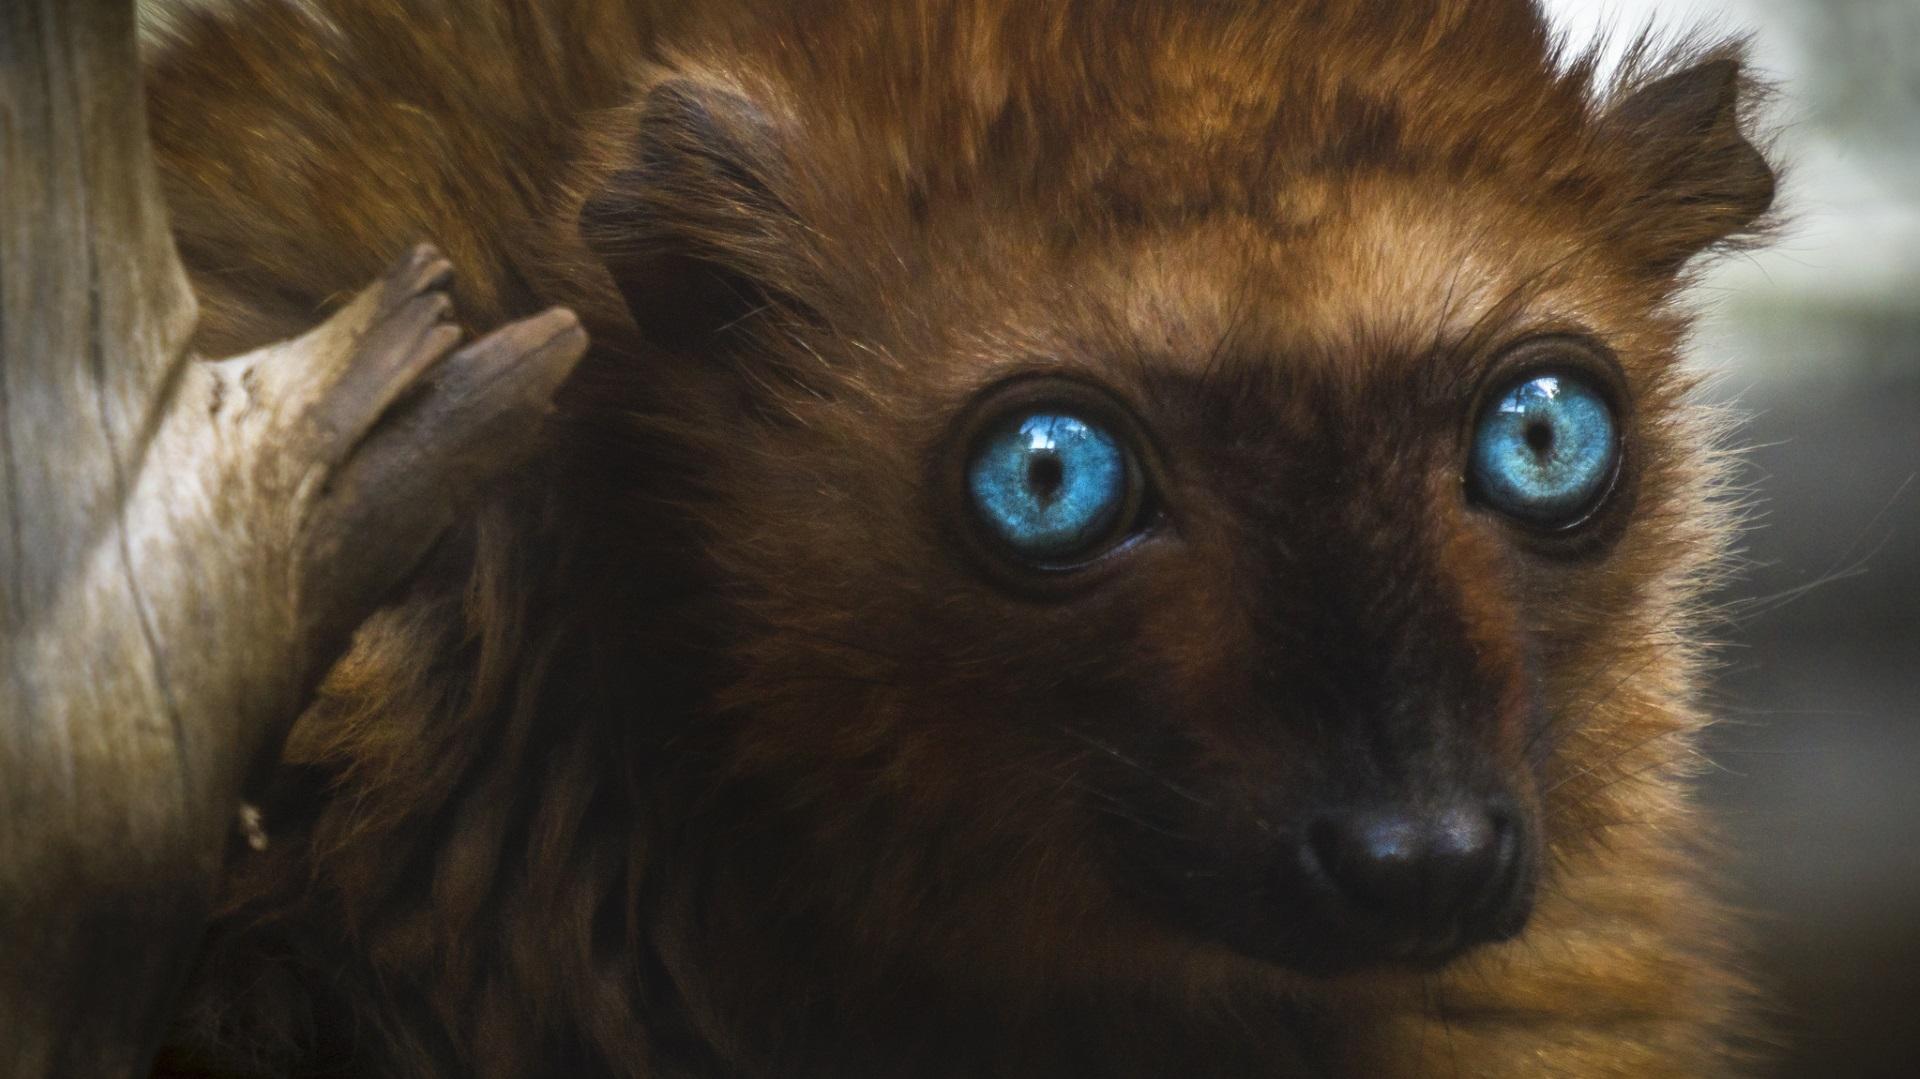 <p><strong>Сини очи</strong></p>  <p>Този застрашен жител на Мадагаскар е единственият примат освен хората, който може да има сини очи, с които са надарени и двата пола на животинчето.</p>